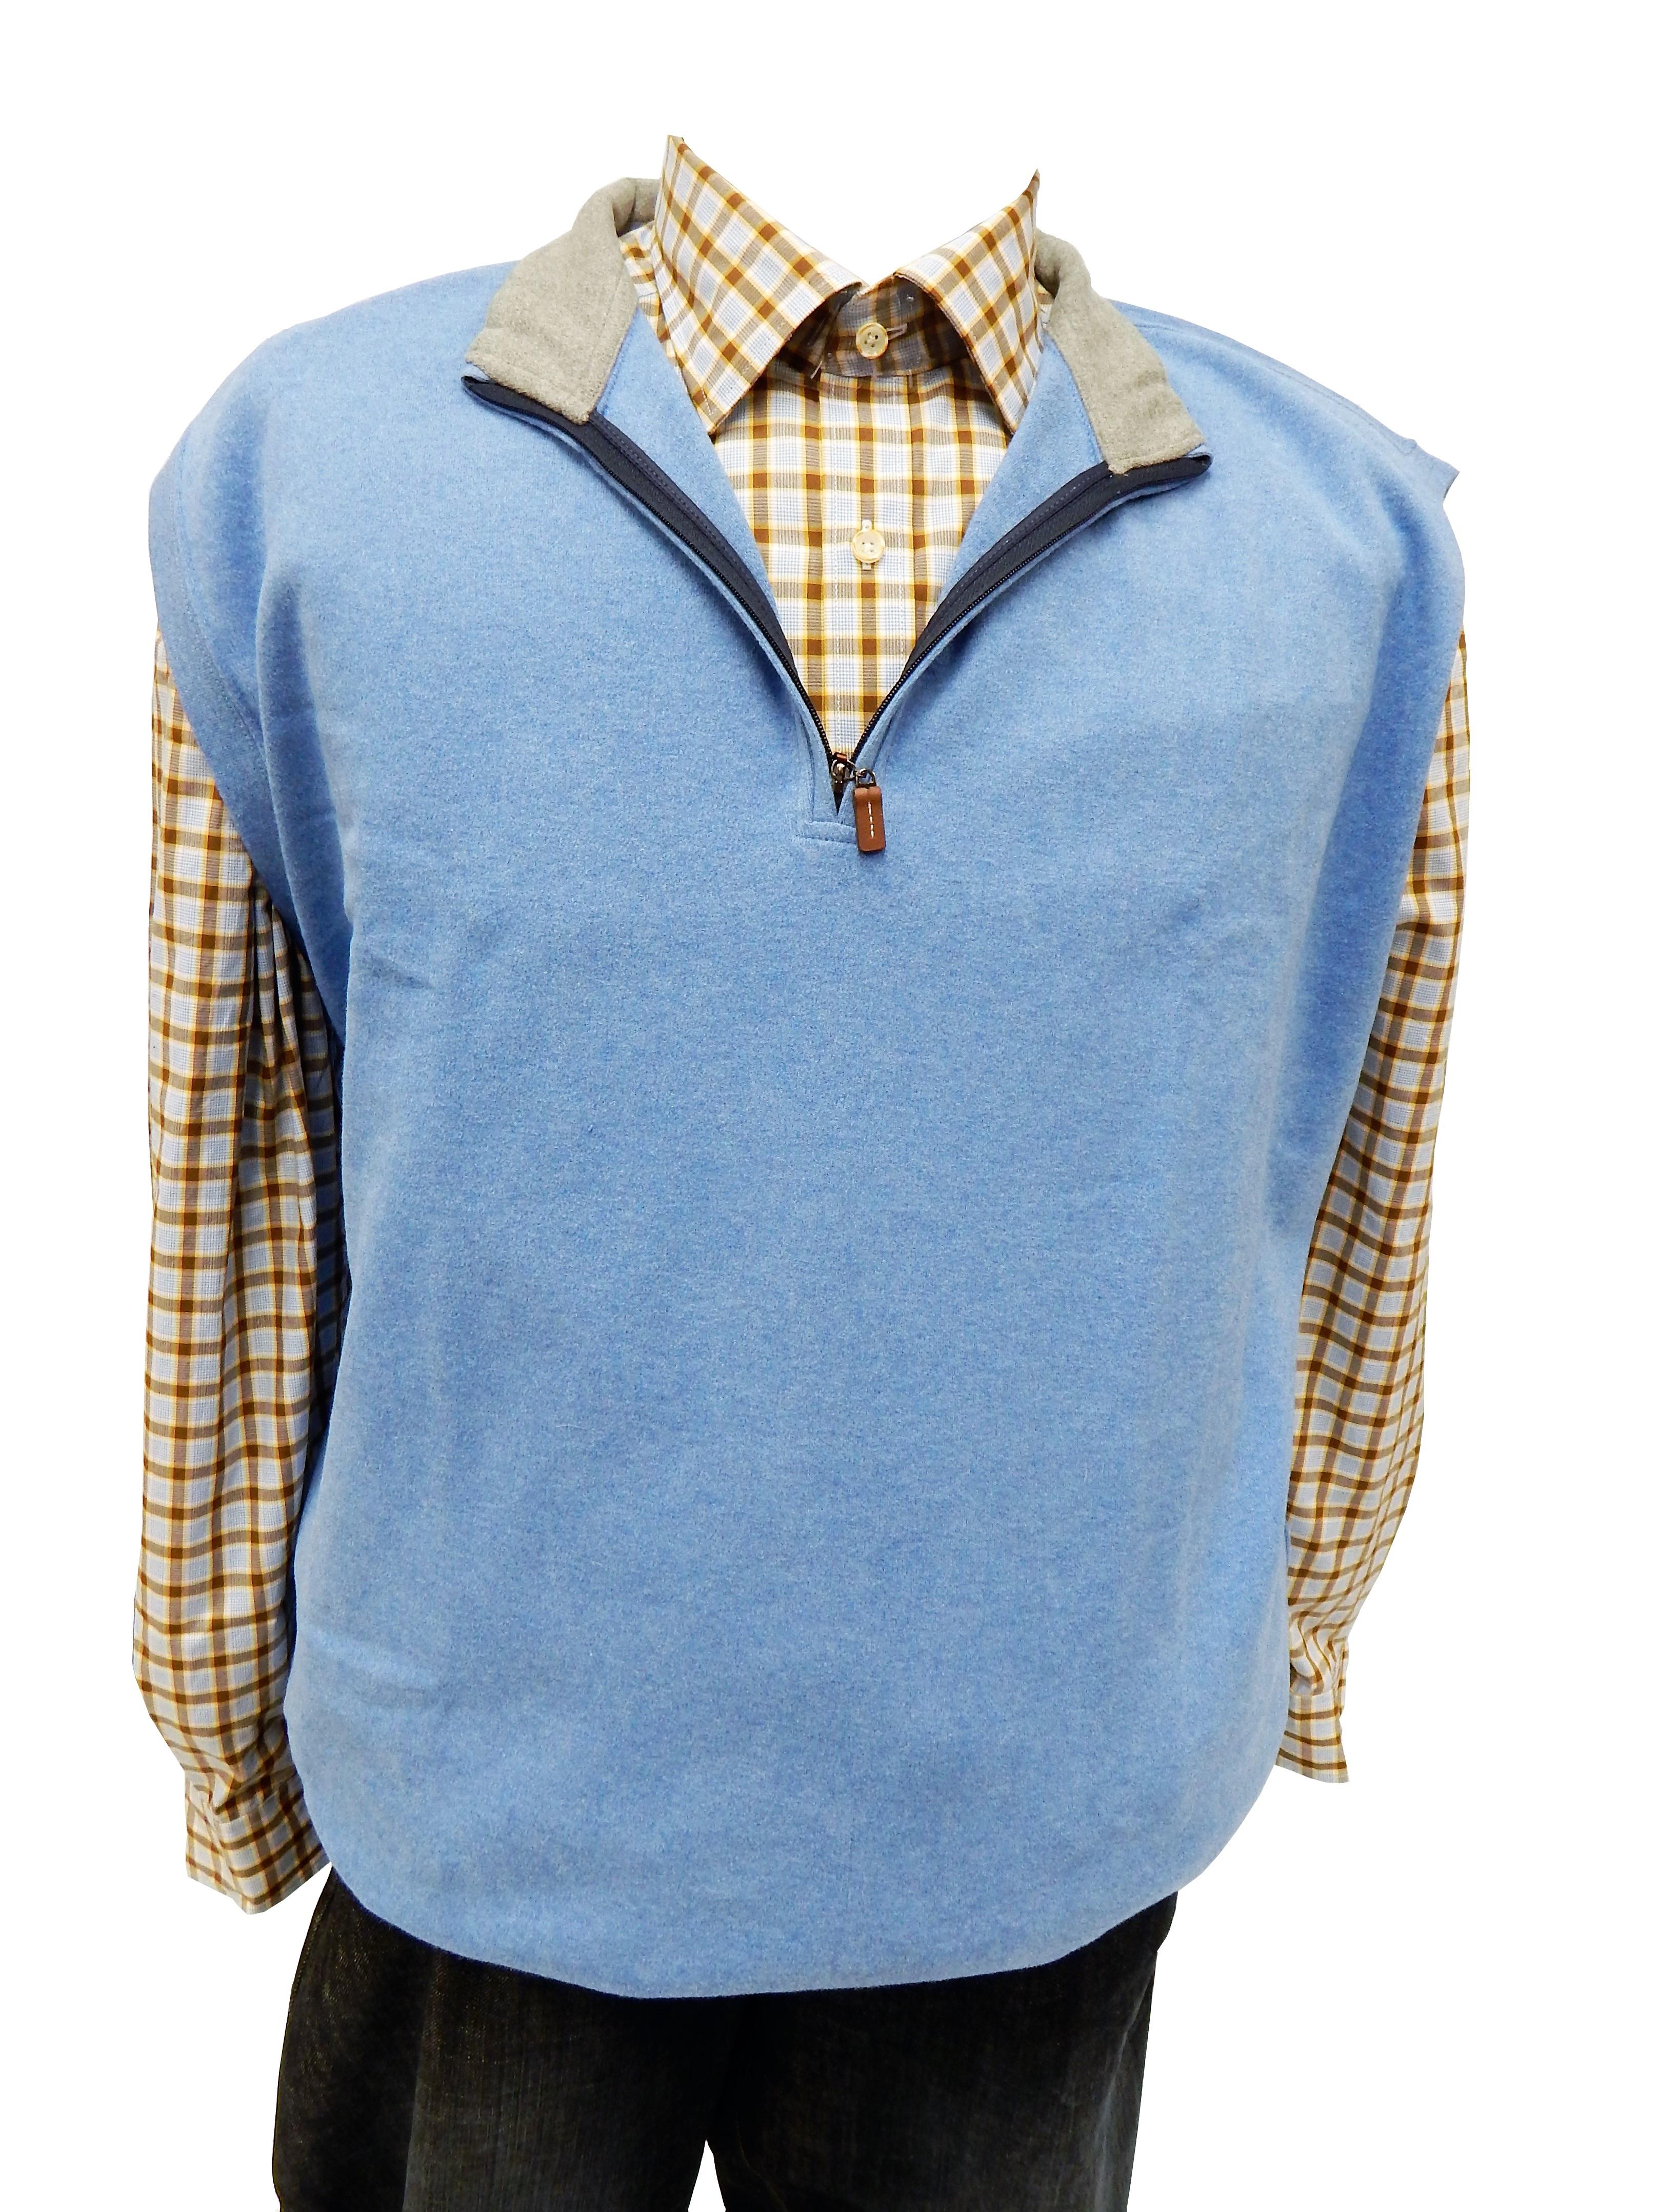 Desain t shirt kerah - Pria Pola Mode Biru Pakaian Tudung Pakaian Luar Bahan Kemeja Denim Switer Kap Kerah Tekstil Desain